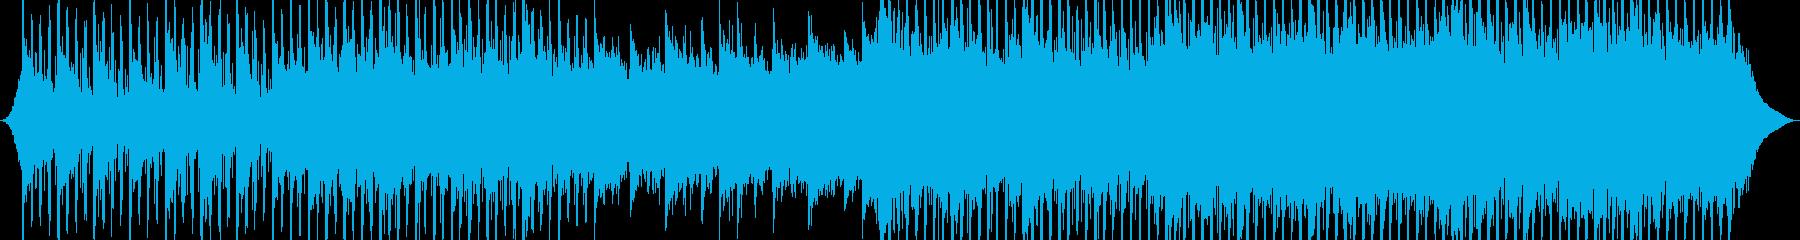 代替案 ポップ 室内楽 アクティブ...の再生済みの波形